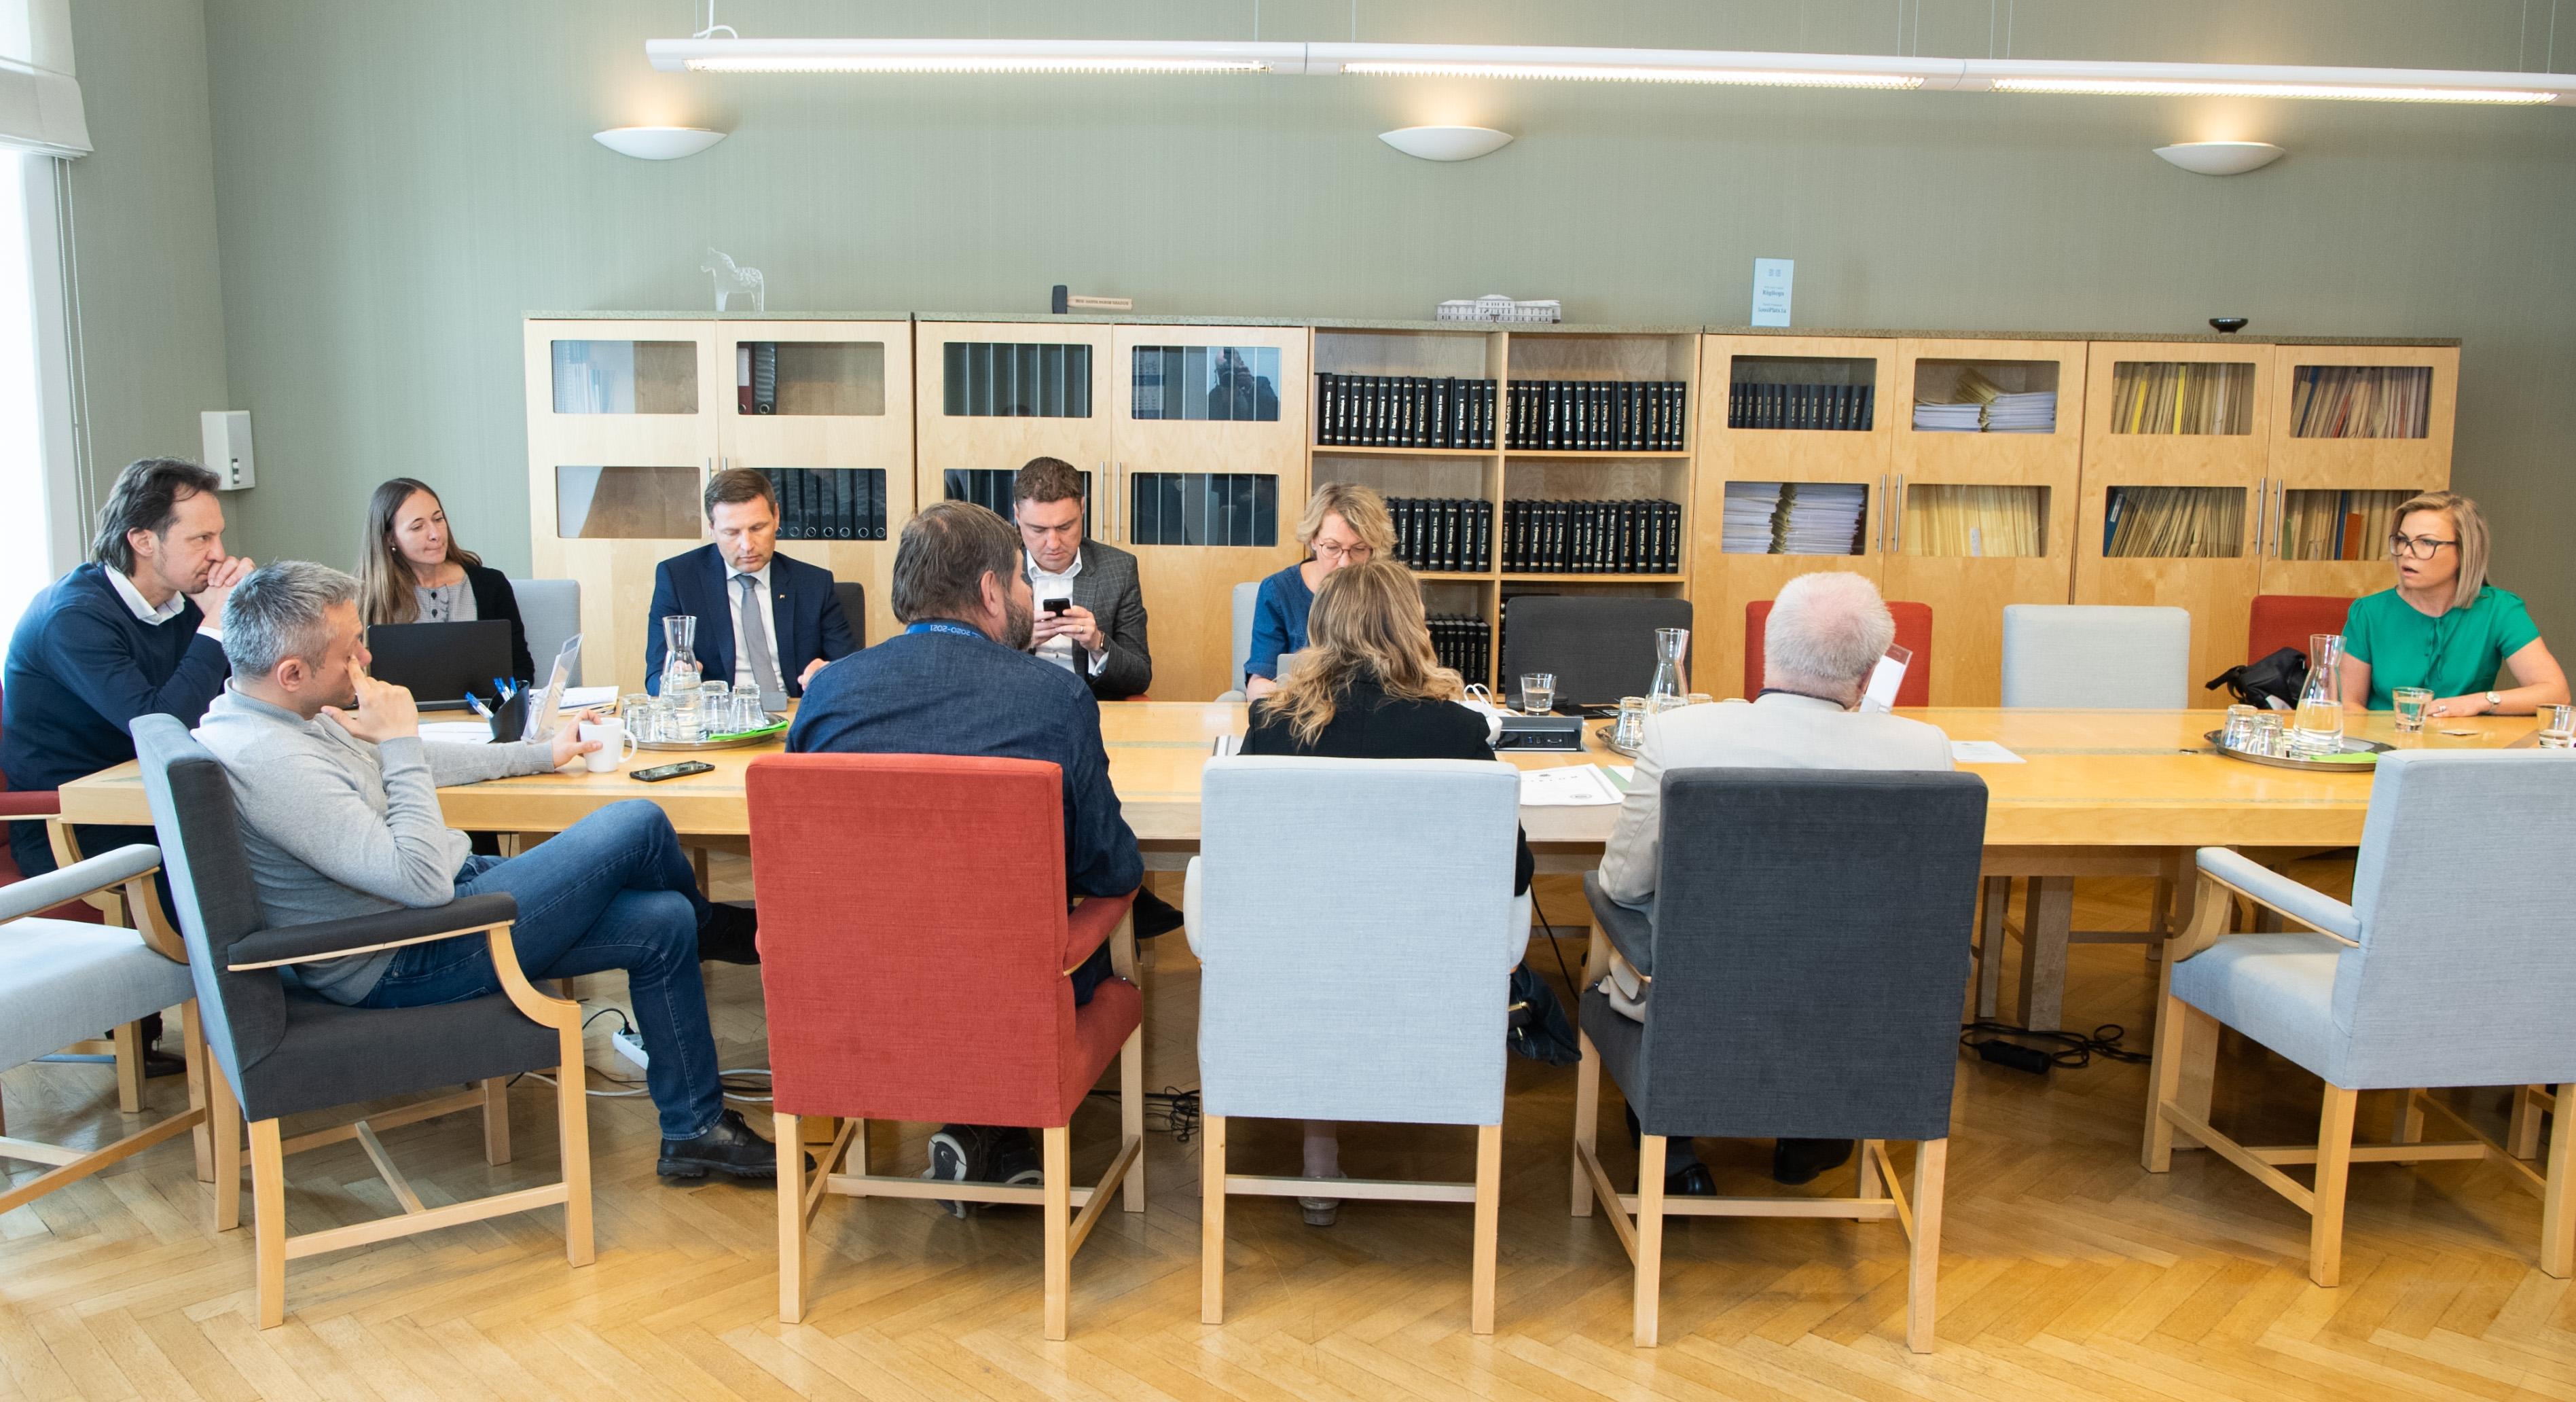 Põhiseaduskomisjon toetas Pille Lehise kandidatuuri AKI peadirektori kohale